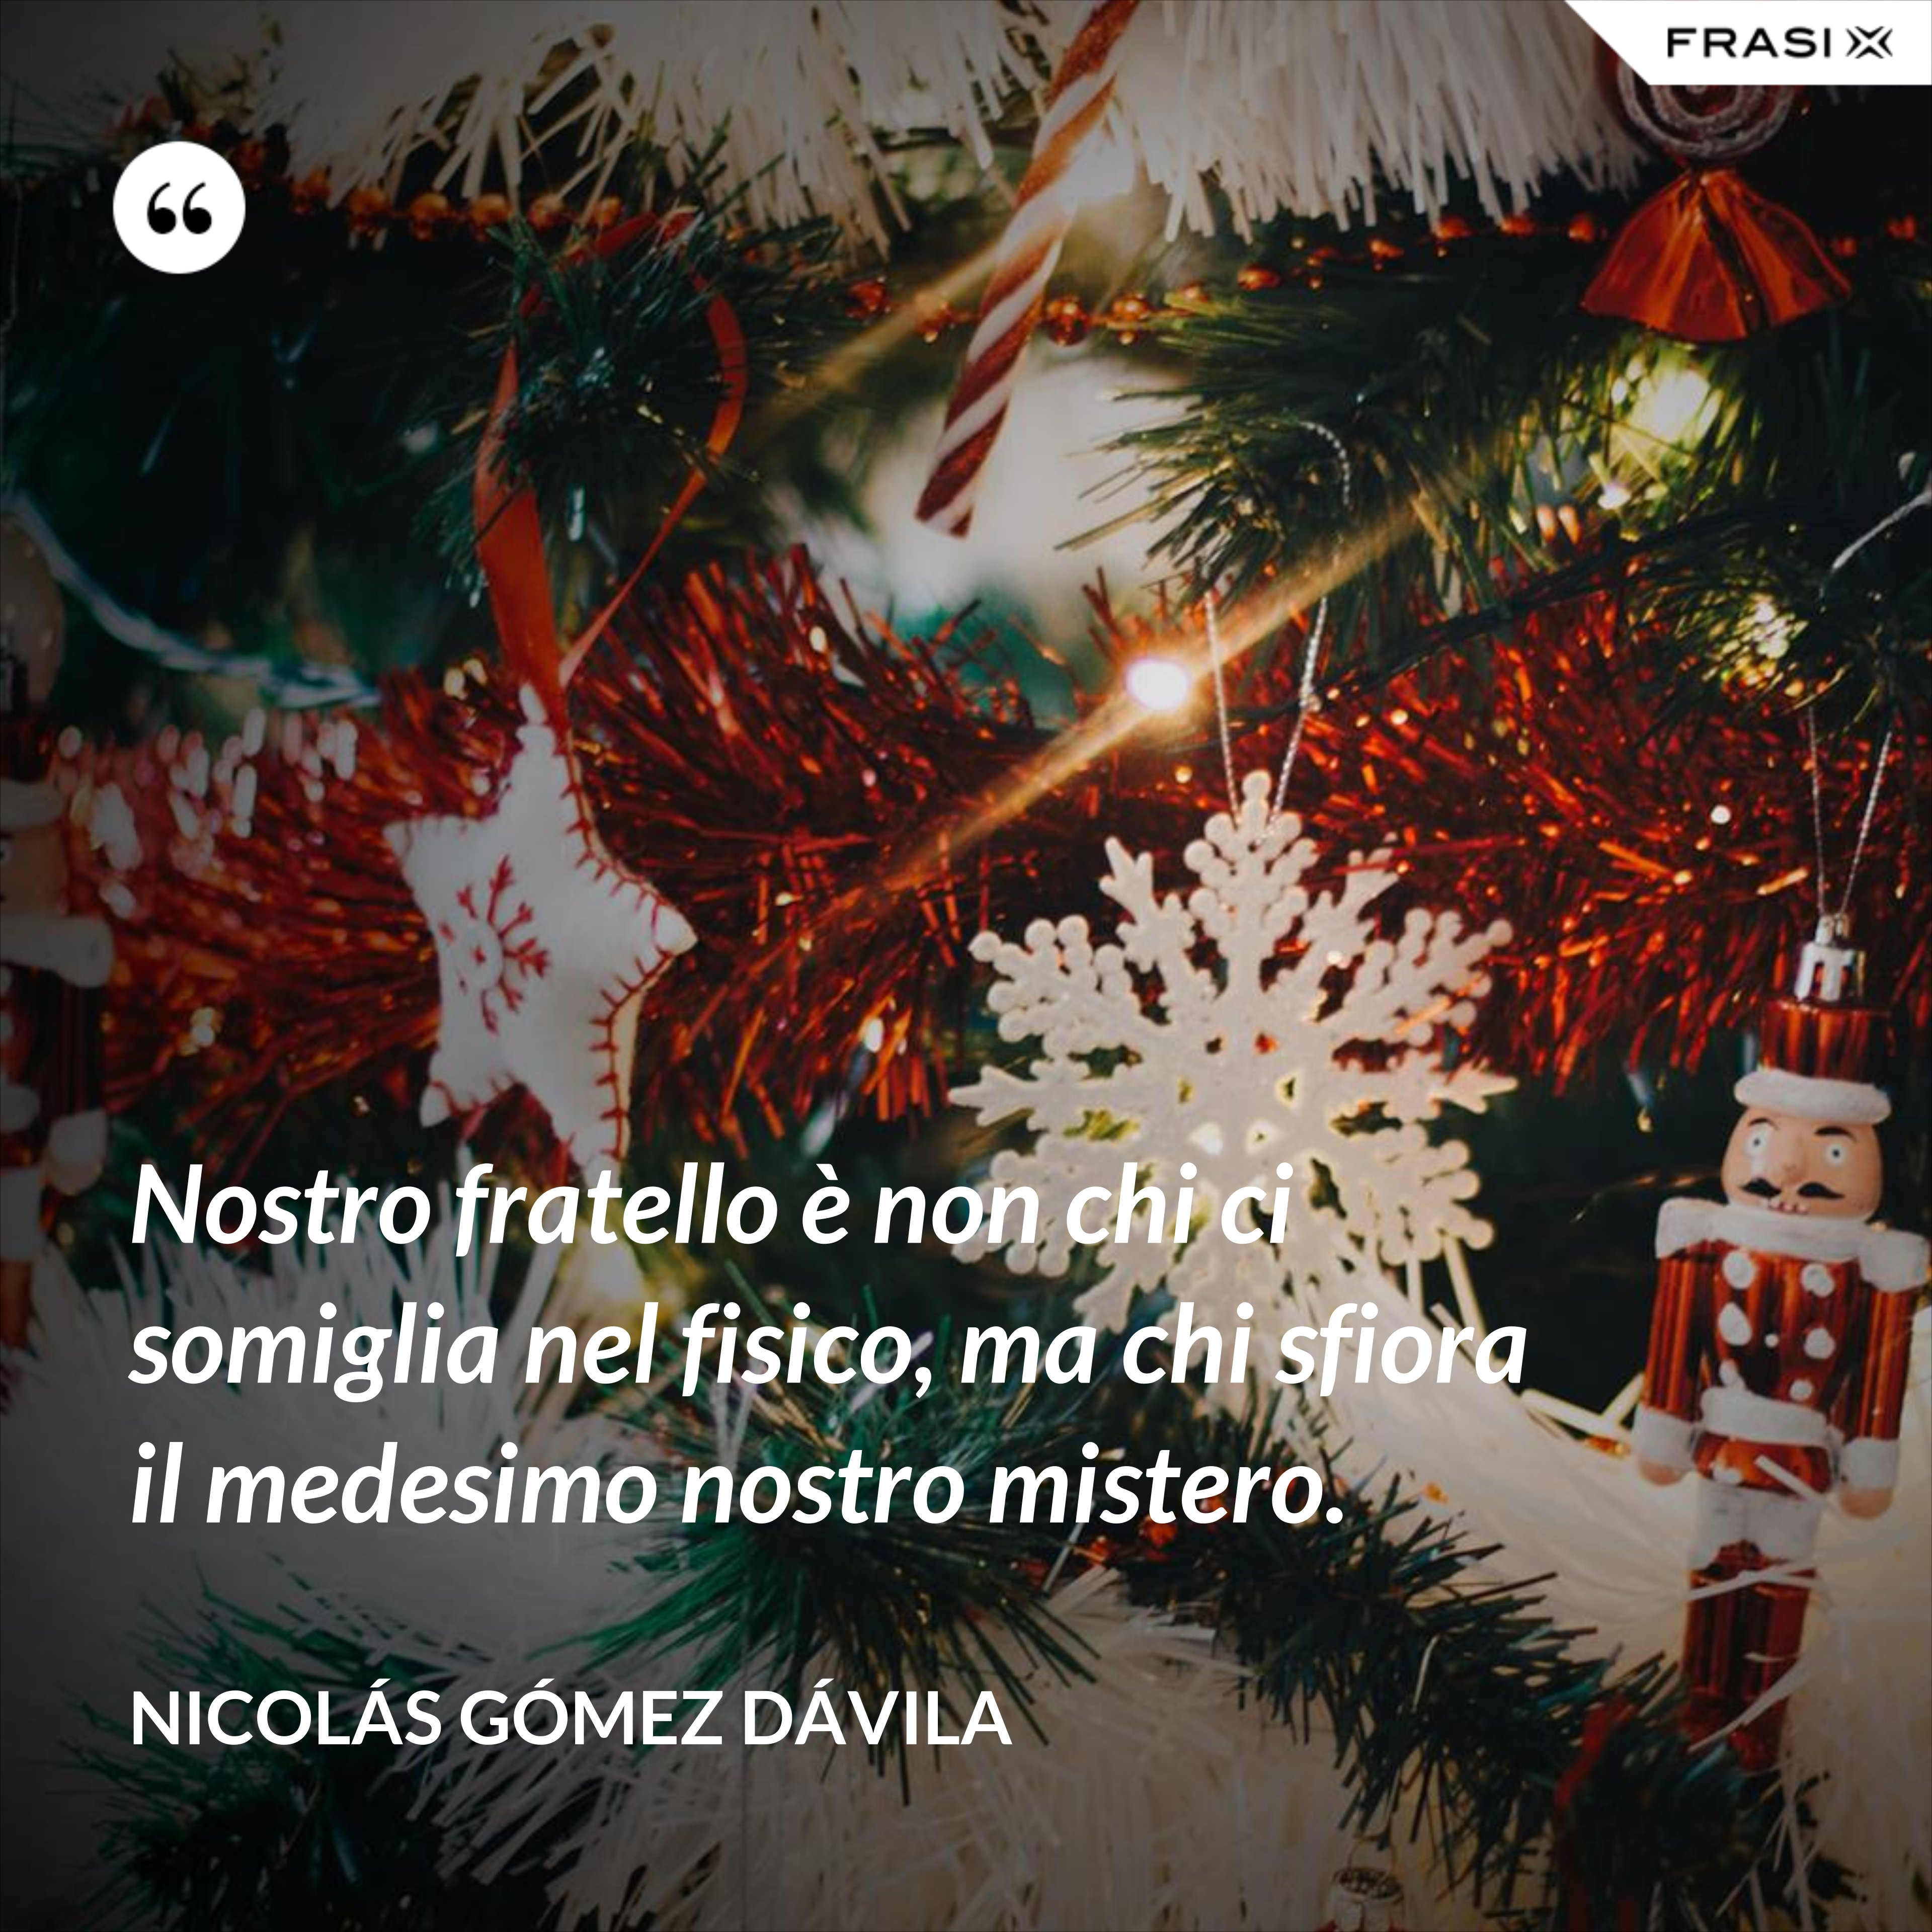 Nostro fratello è non chi ci somiglia nel fisico, ma chi sfiora il medesimo nostro mistero. - Nicolás Gómez Dávila